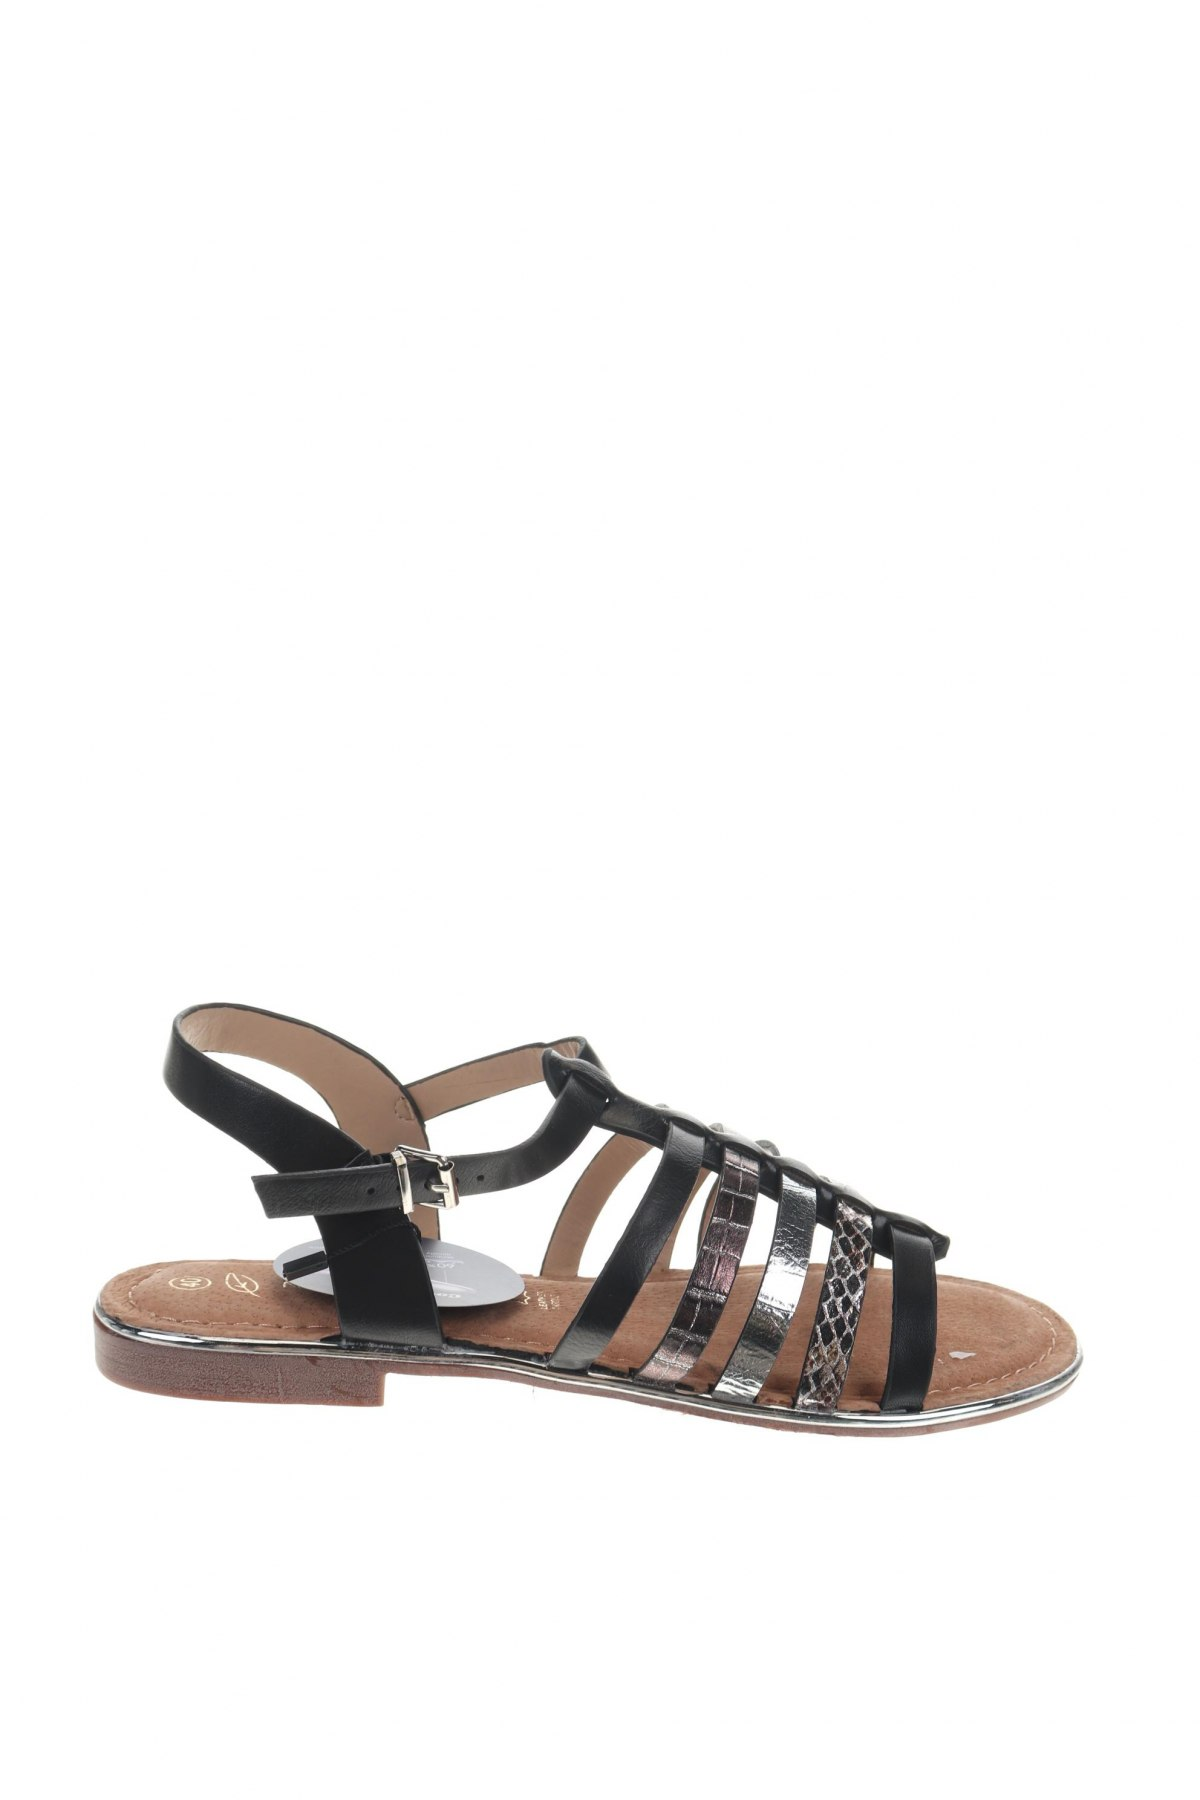 Σανδάλια Nicewalk, Μέγεθος 40, Χρώμα Μαύρο, Δερματίνη, Τιμή 13,39€